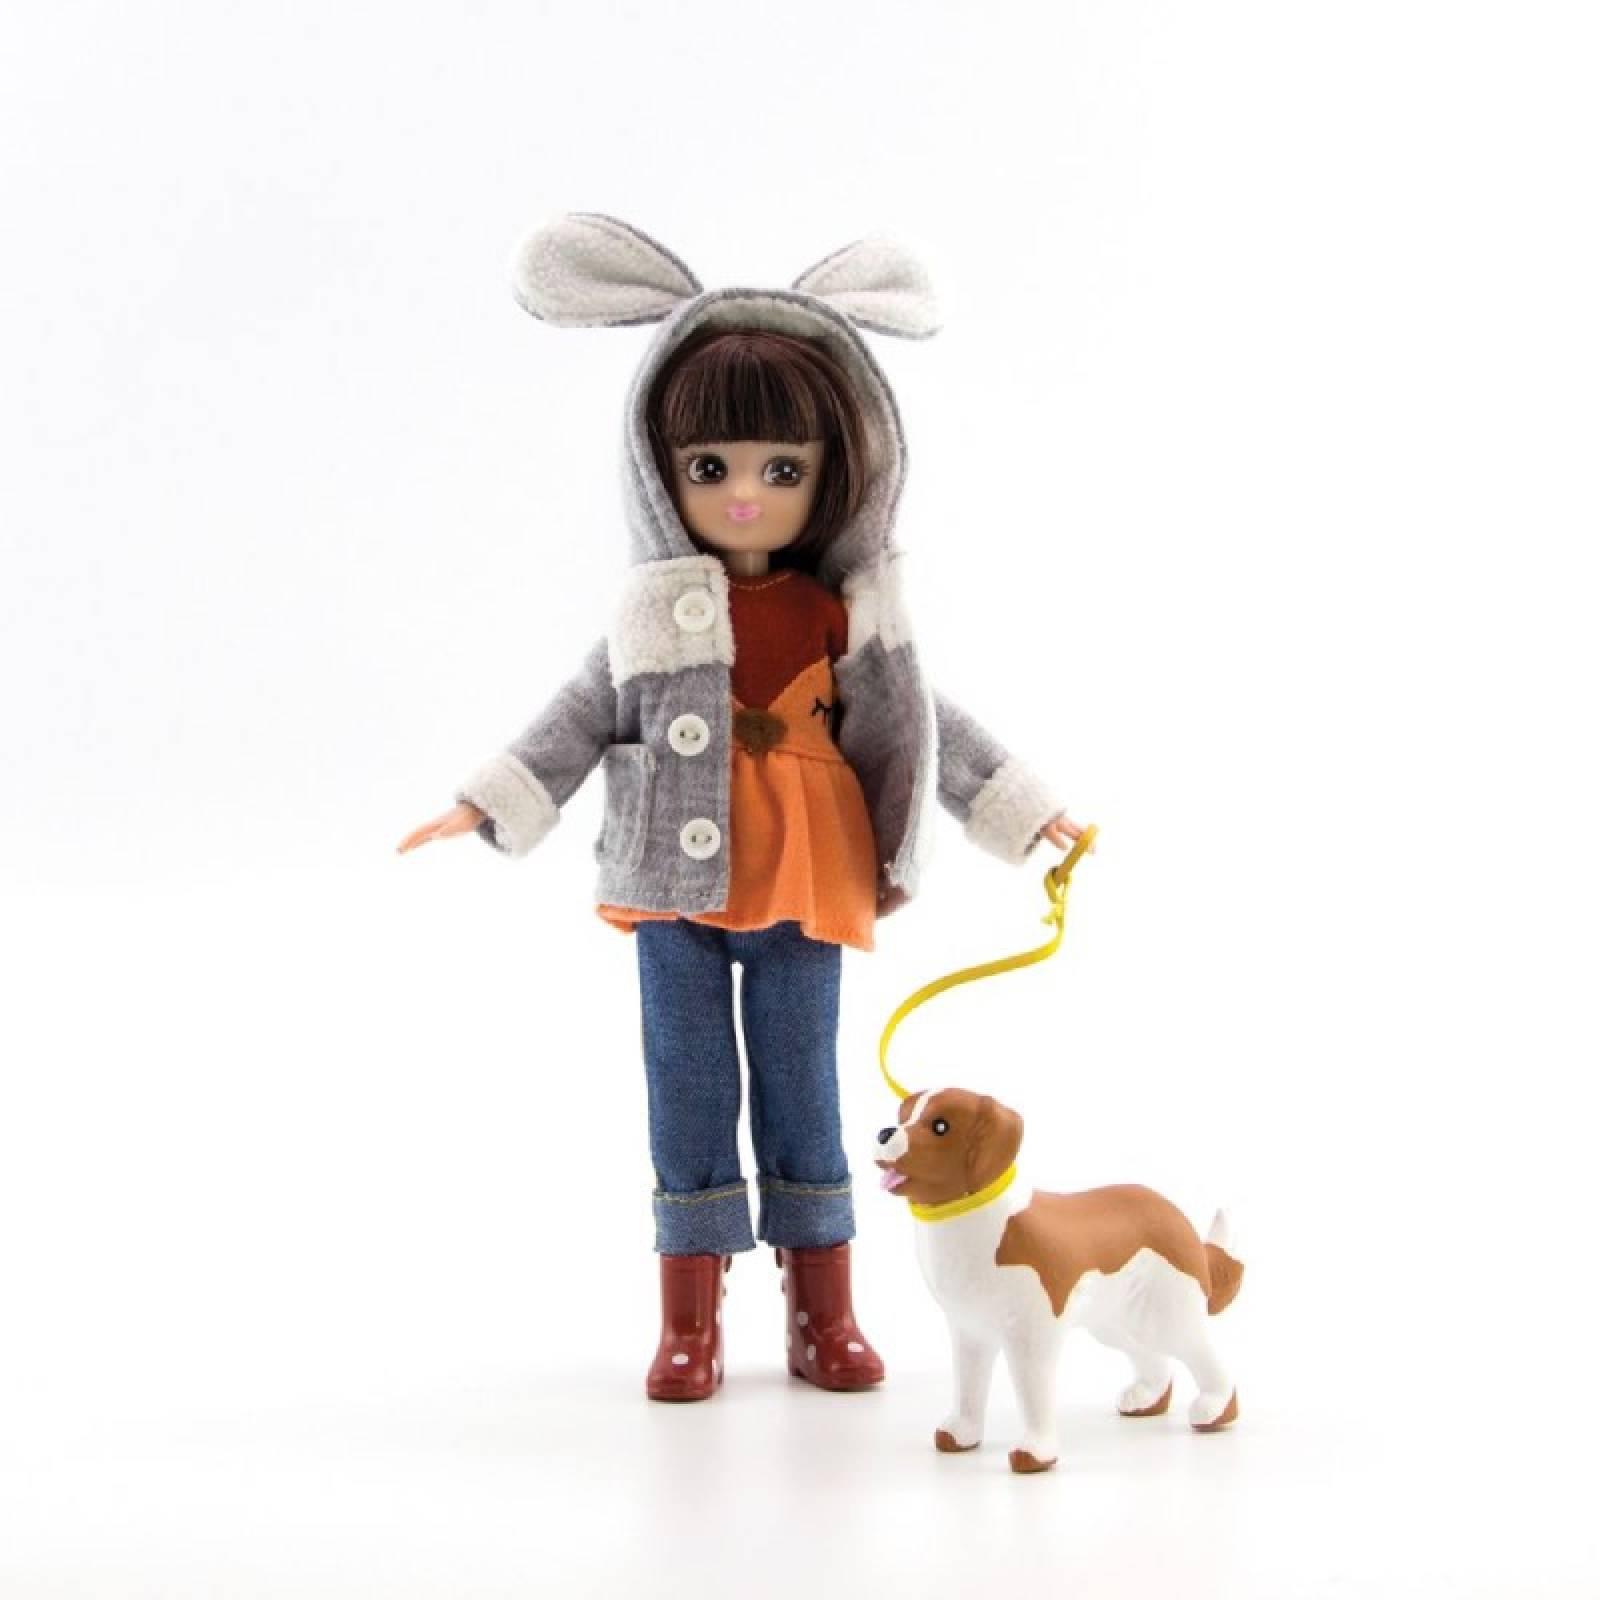 Walk In The Park Lottie Doll 3+